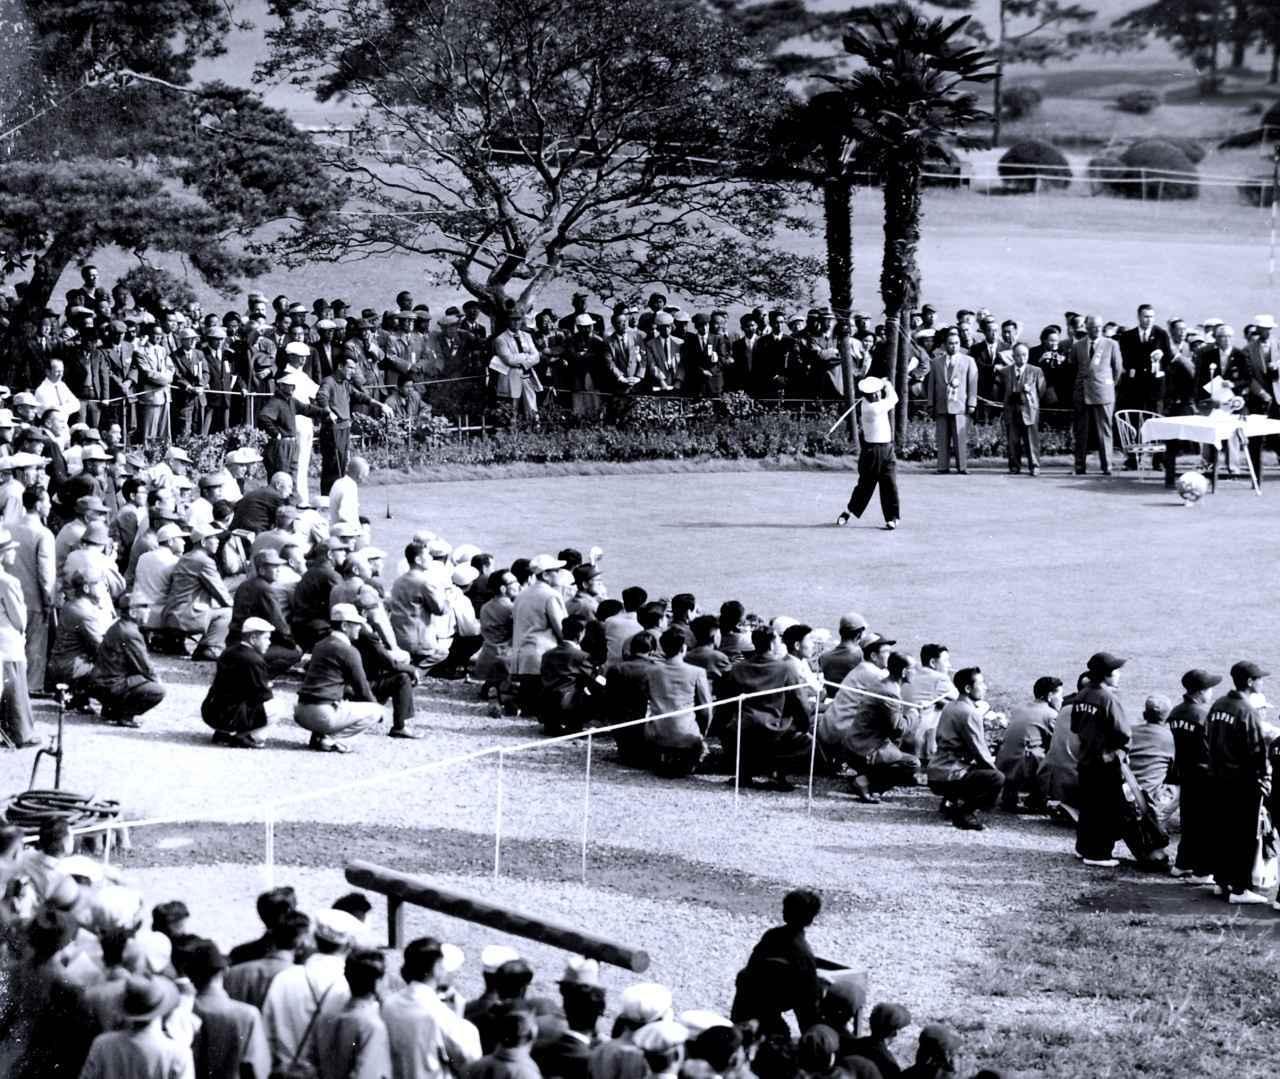 画像: 1957年、日本で開催されたカナダカップ(現ワールドカップ)。(霞ヶ関CC東C)